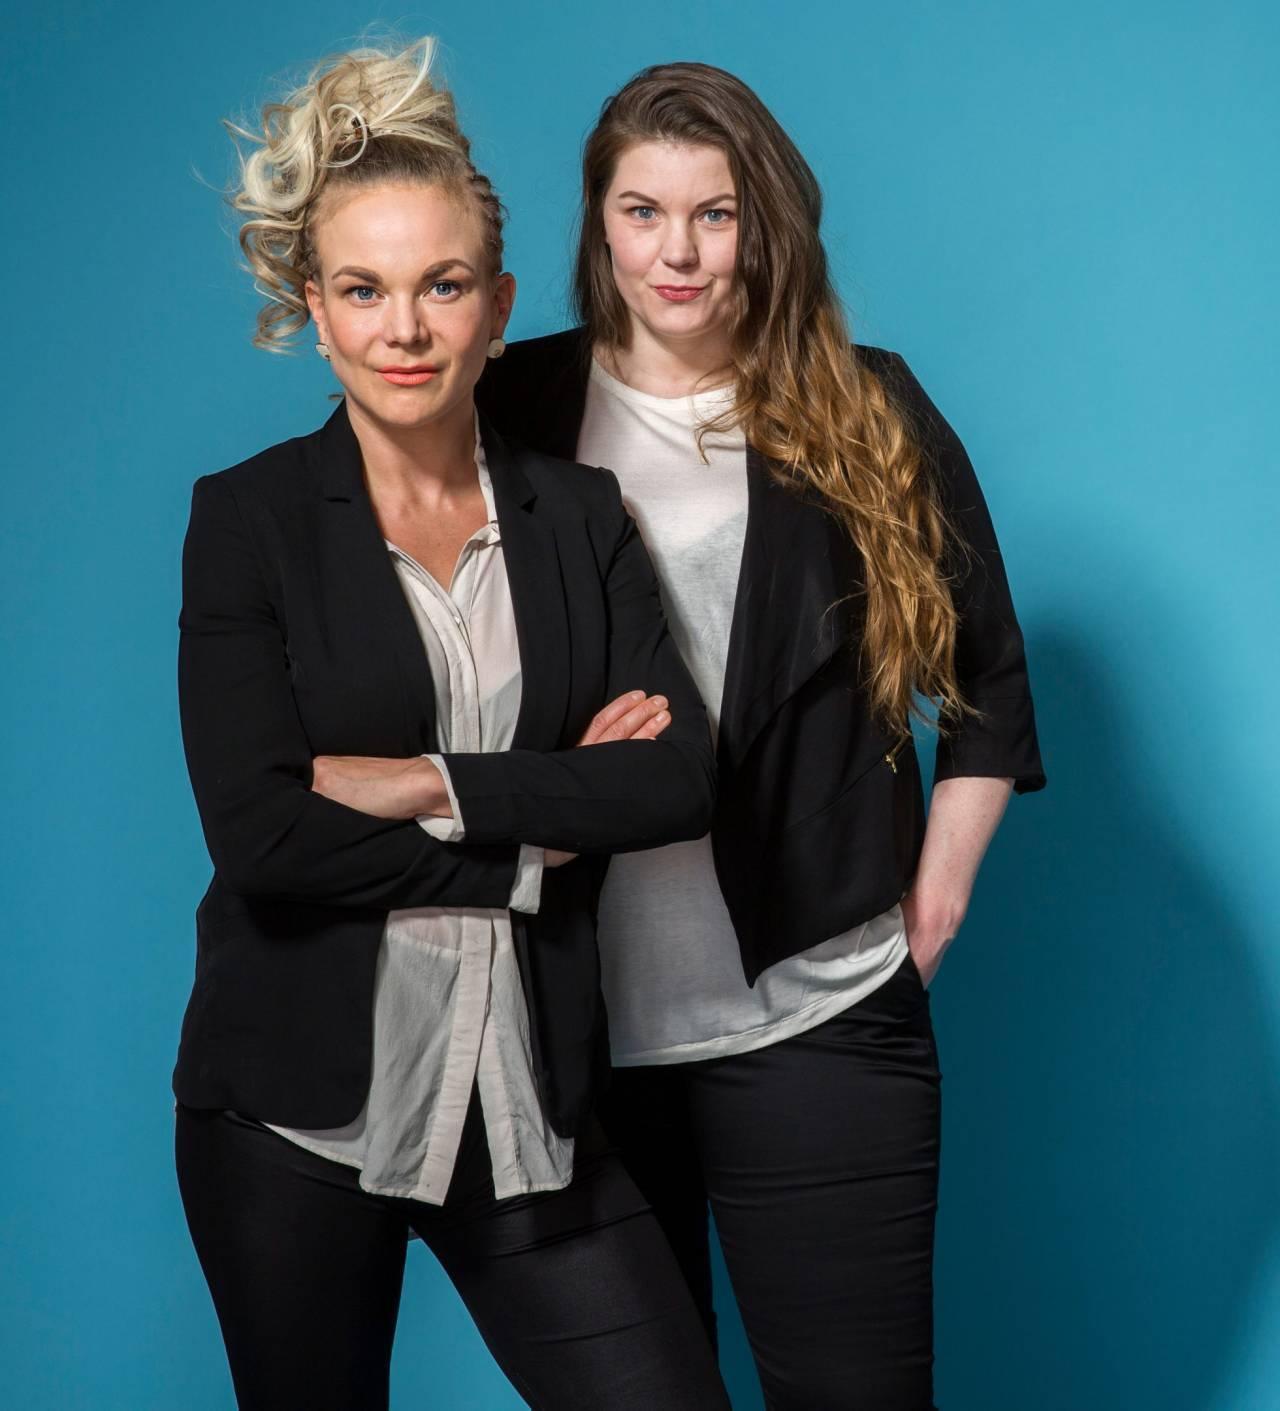 Sofia Jensfelt och Linda Sletvold Amiri startade städföretaget 50-femme tillsammans 2018